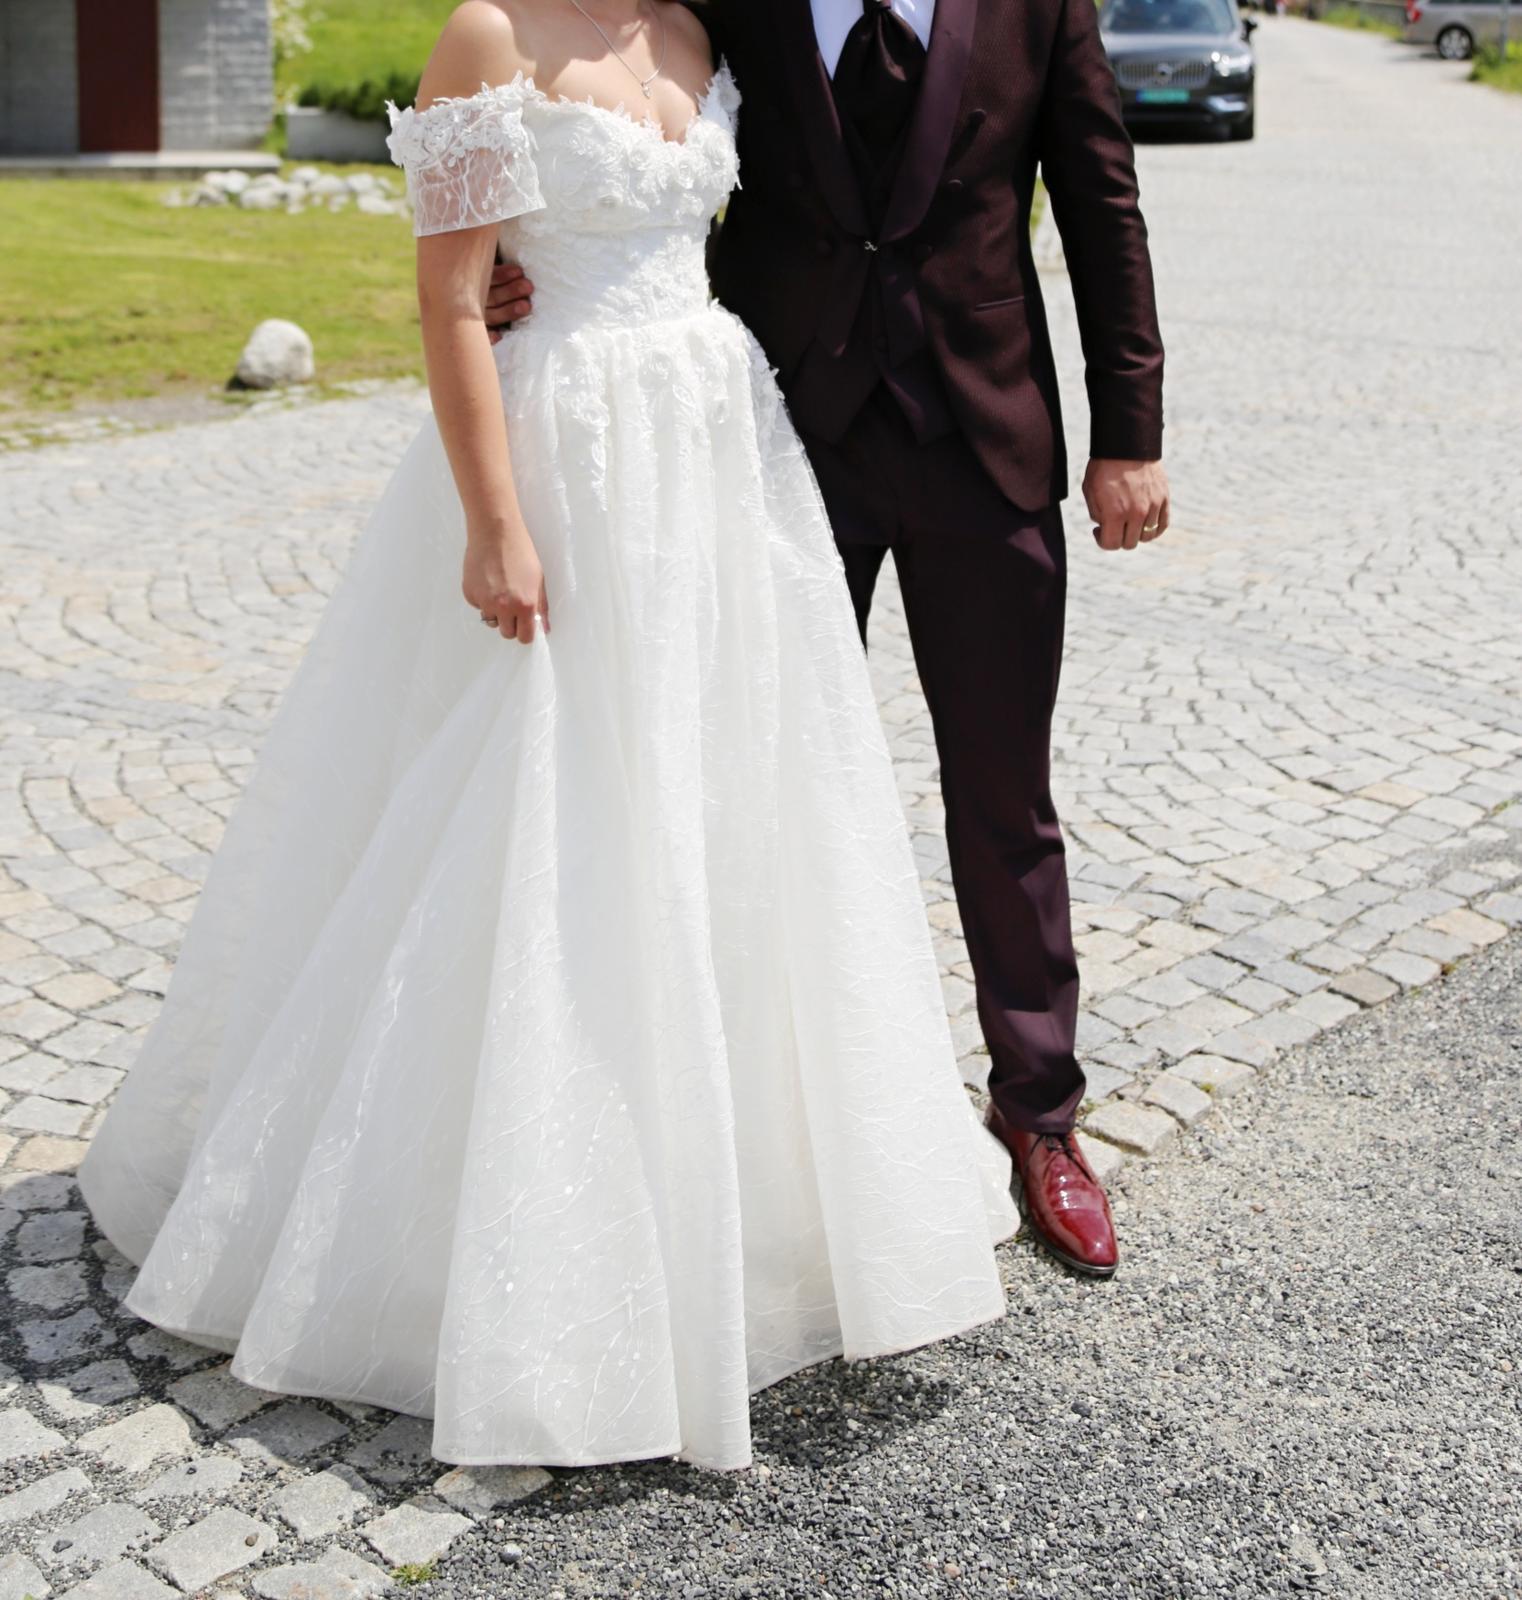 Predám svadobné šaty veľkosti... - Obrázok č. 2